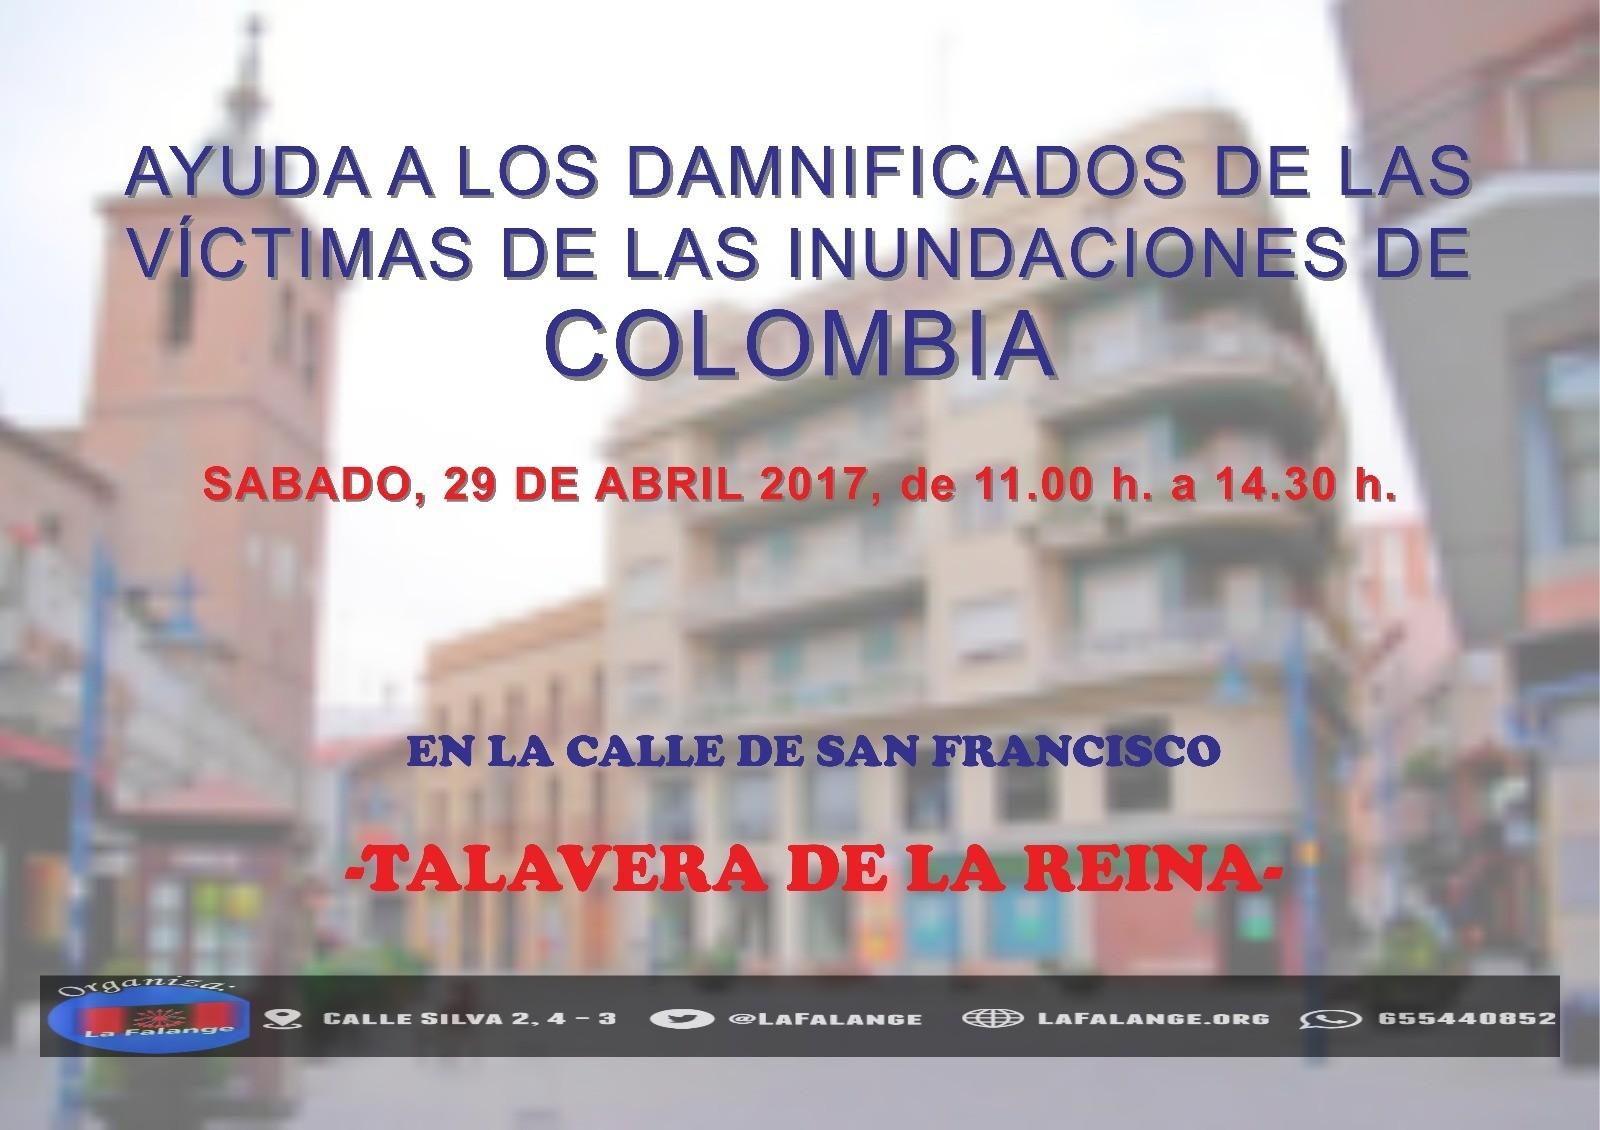 Mesa informativa de ayuda a las víctimas de las inundaciones en Colombia